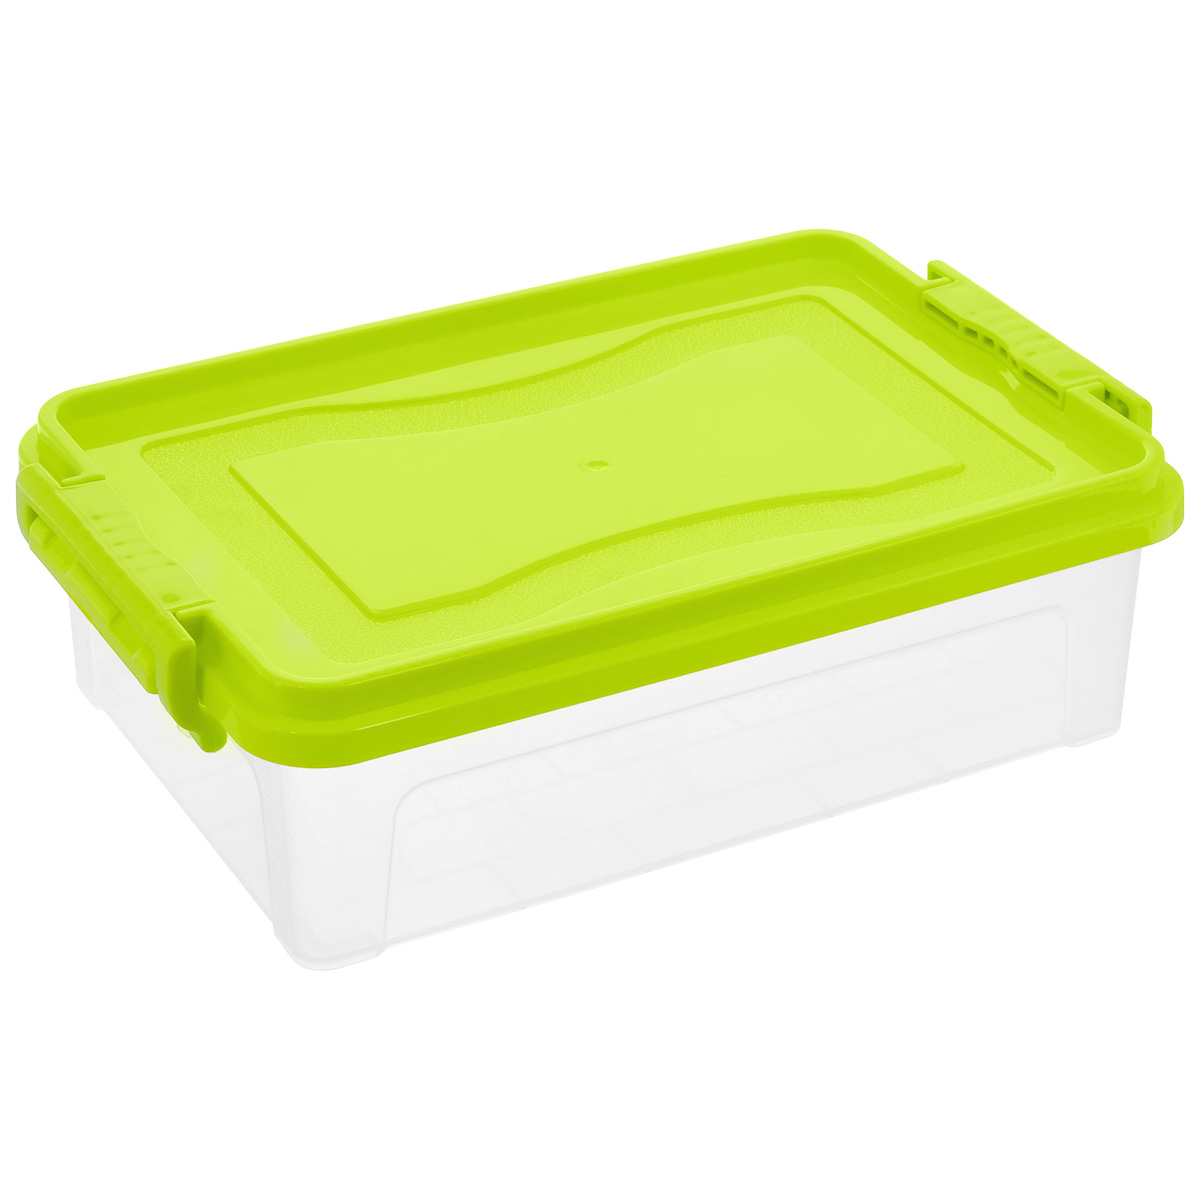 Контейнер для хранения Idea, прямоугольный, цвет: прозрачный, салатовый, 3,6 лRG-D31SКонтейнер для хранения Idea выполнен из высококачественного пластика. Контейнер снабжен двумя пластиковыми фиксаторами по бокам, придающими дополнительную надежность закрывания крышки. Вместительный контейнер позволит сохранить различные нужные вещи в порядке, а герметичная крышка предотвратит случайное открывание, защитит содержимое от пыли и грязи.